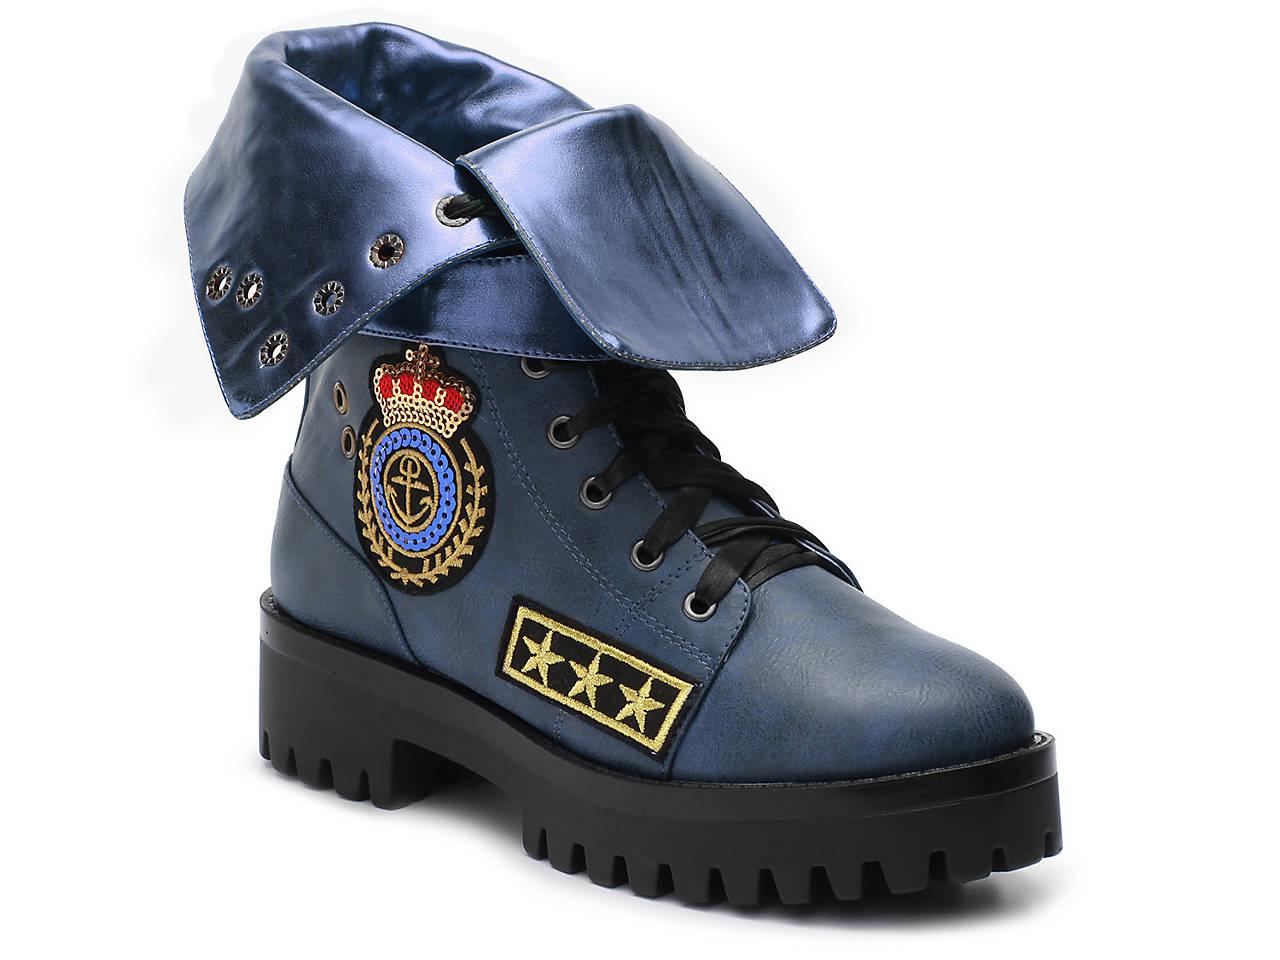 92e149ede432 Nomad Combat Boot